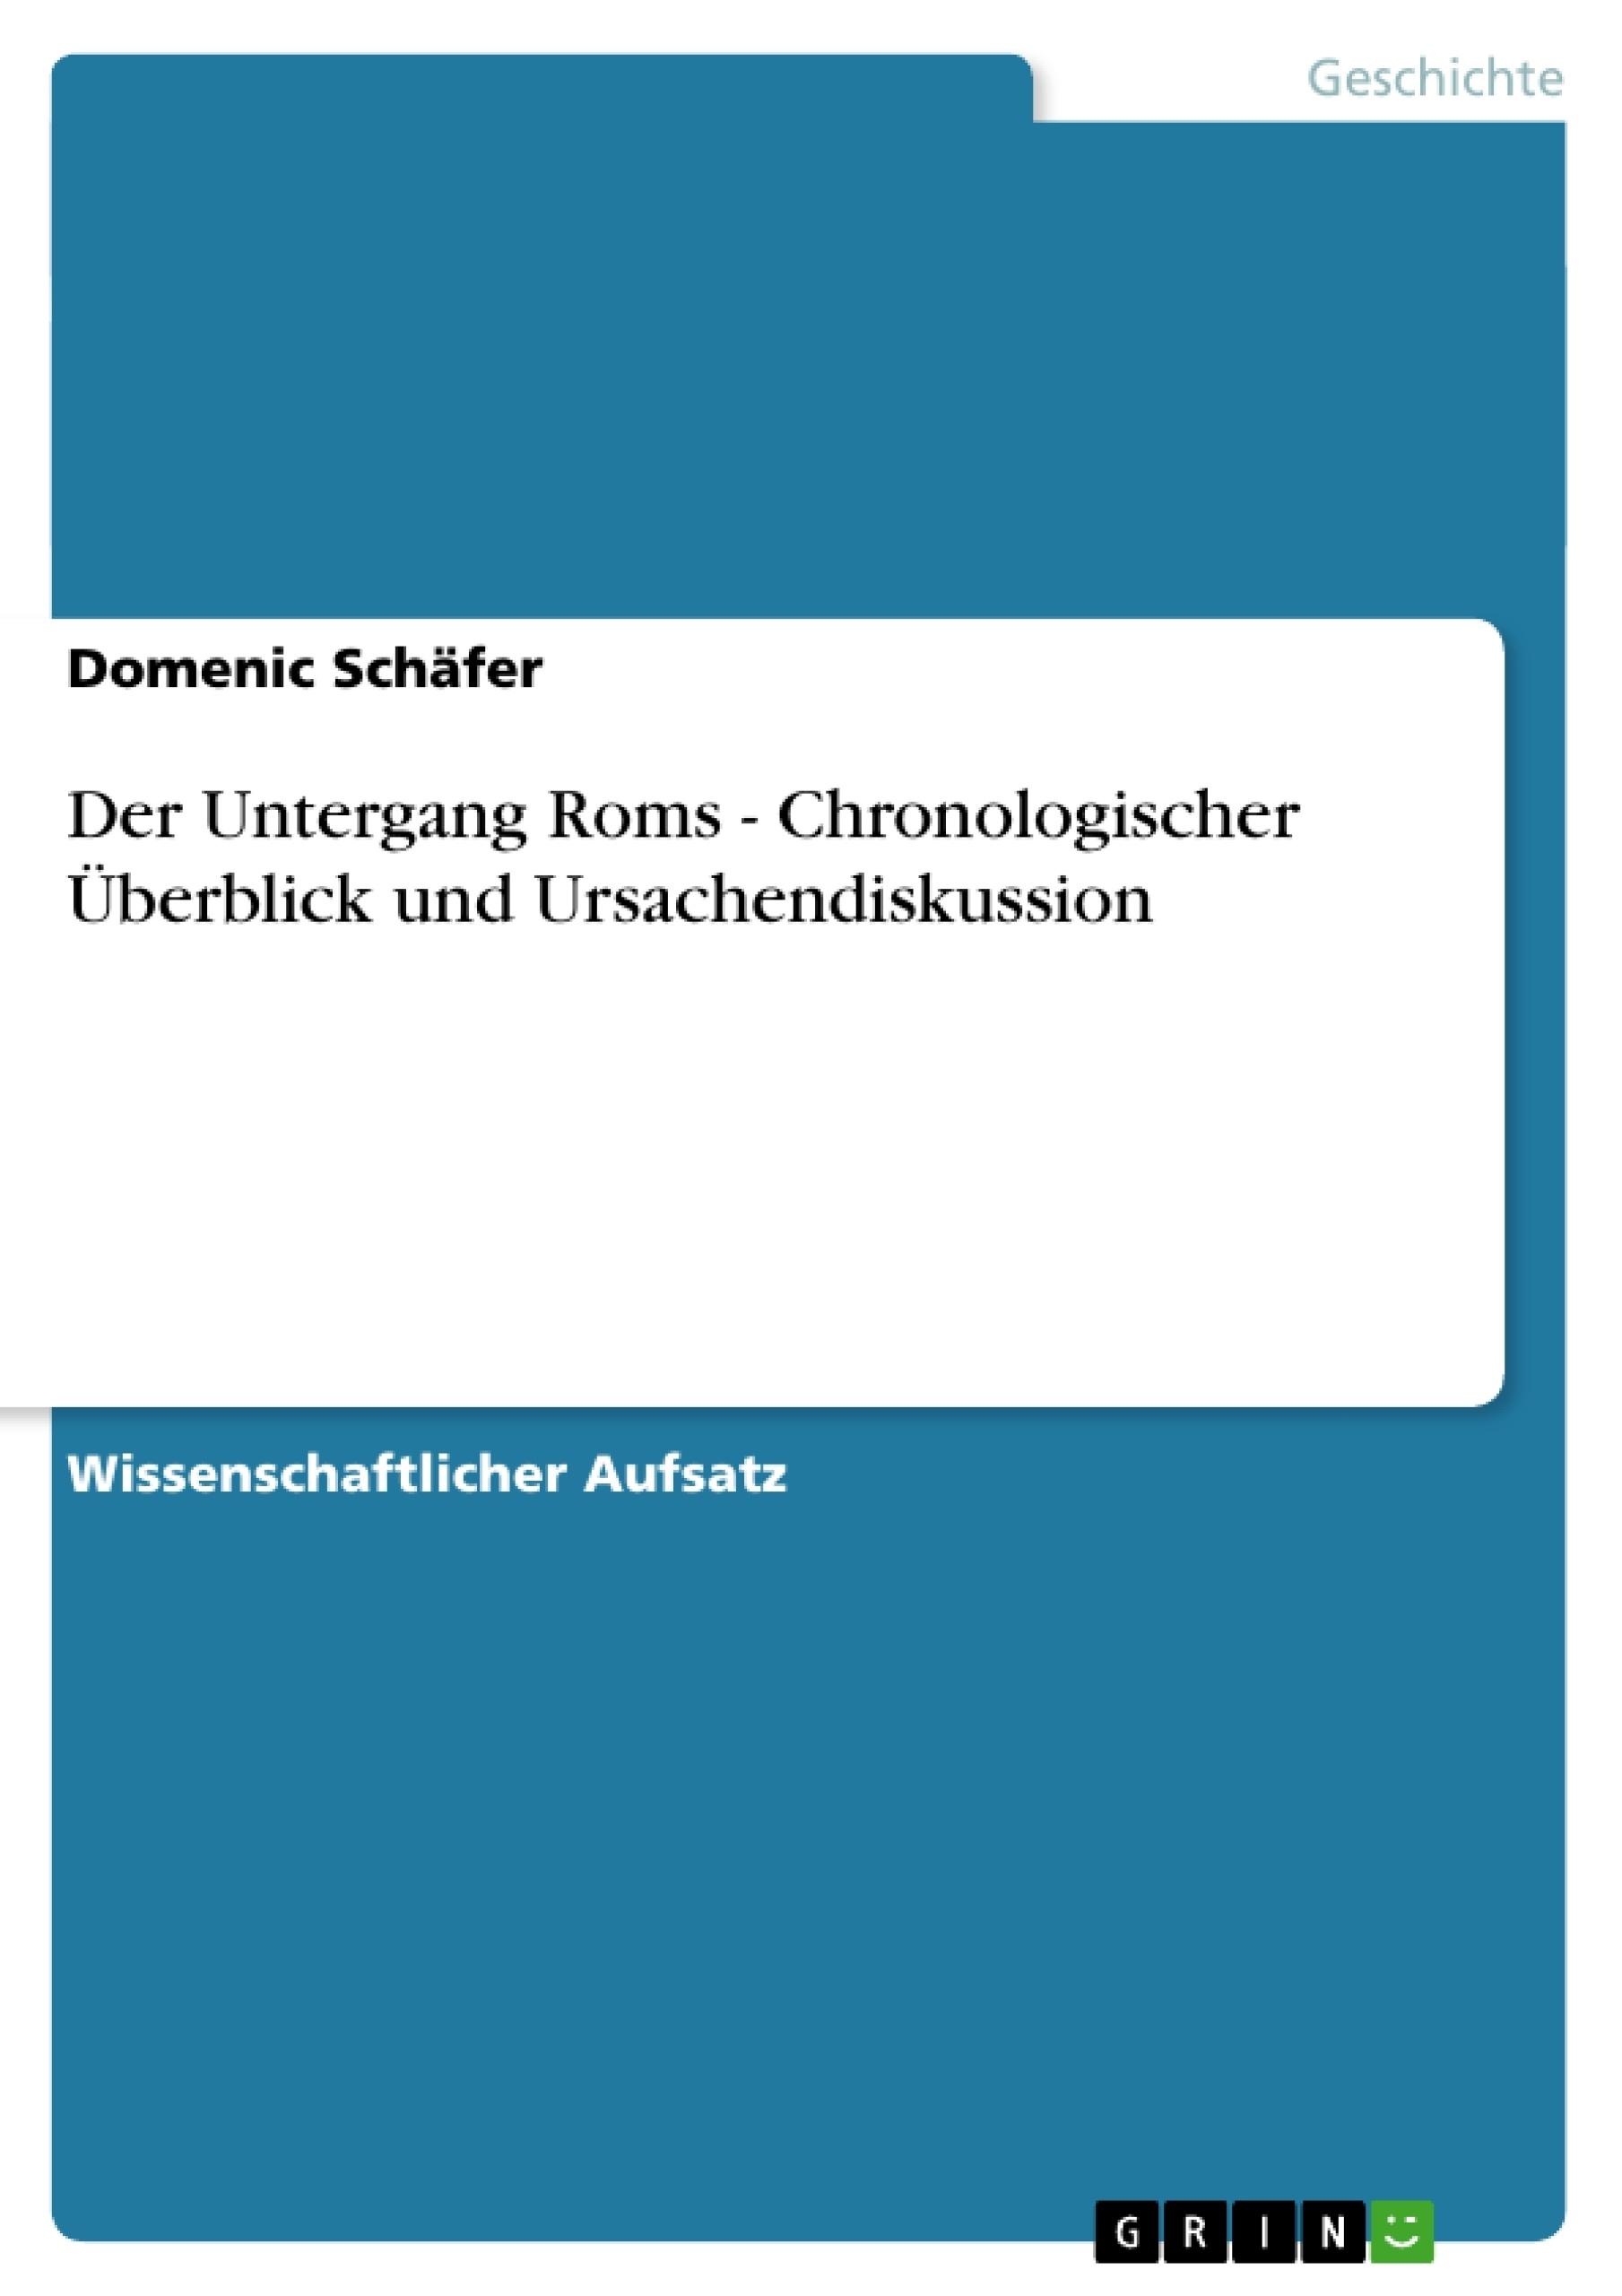 Titel: Der Untergang Roms - Chronologischer Überblick und Ursachendiskussion